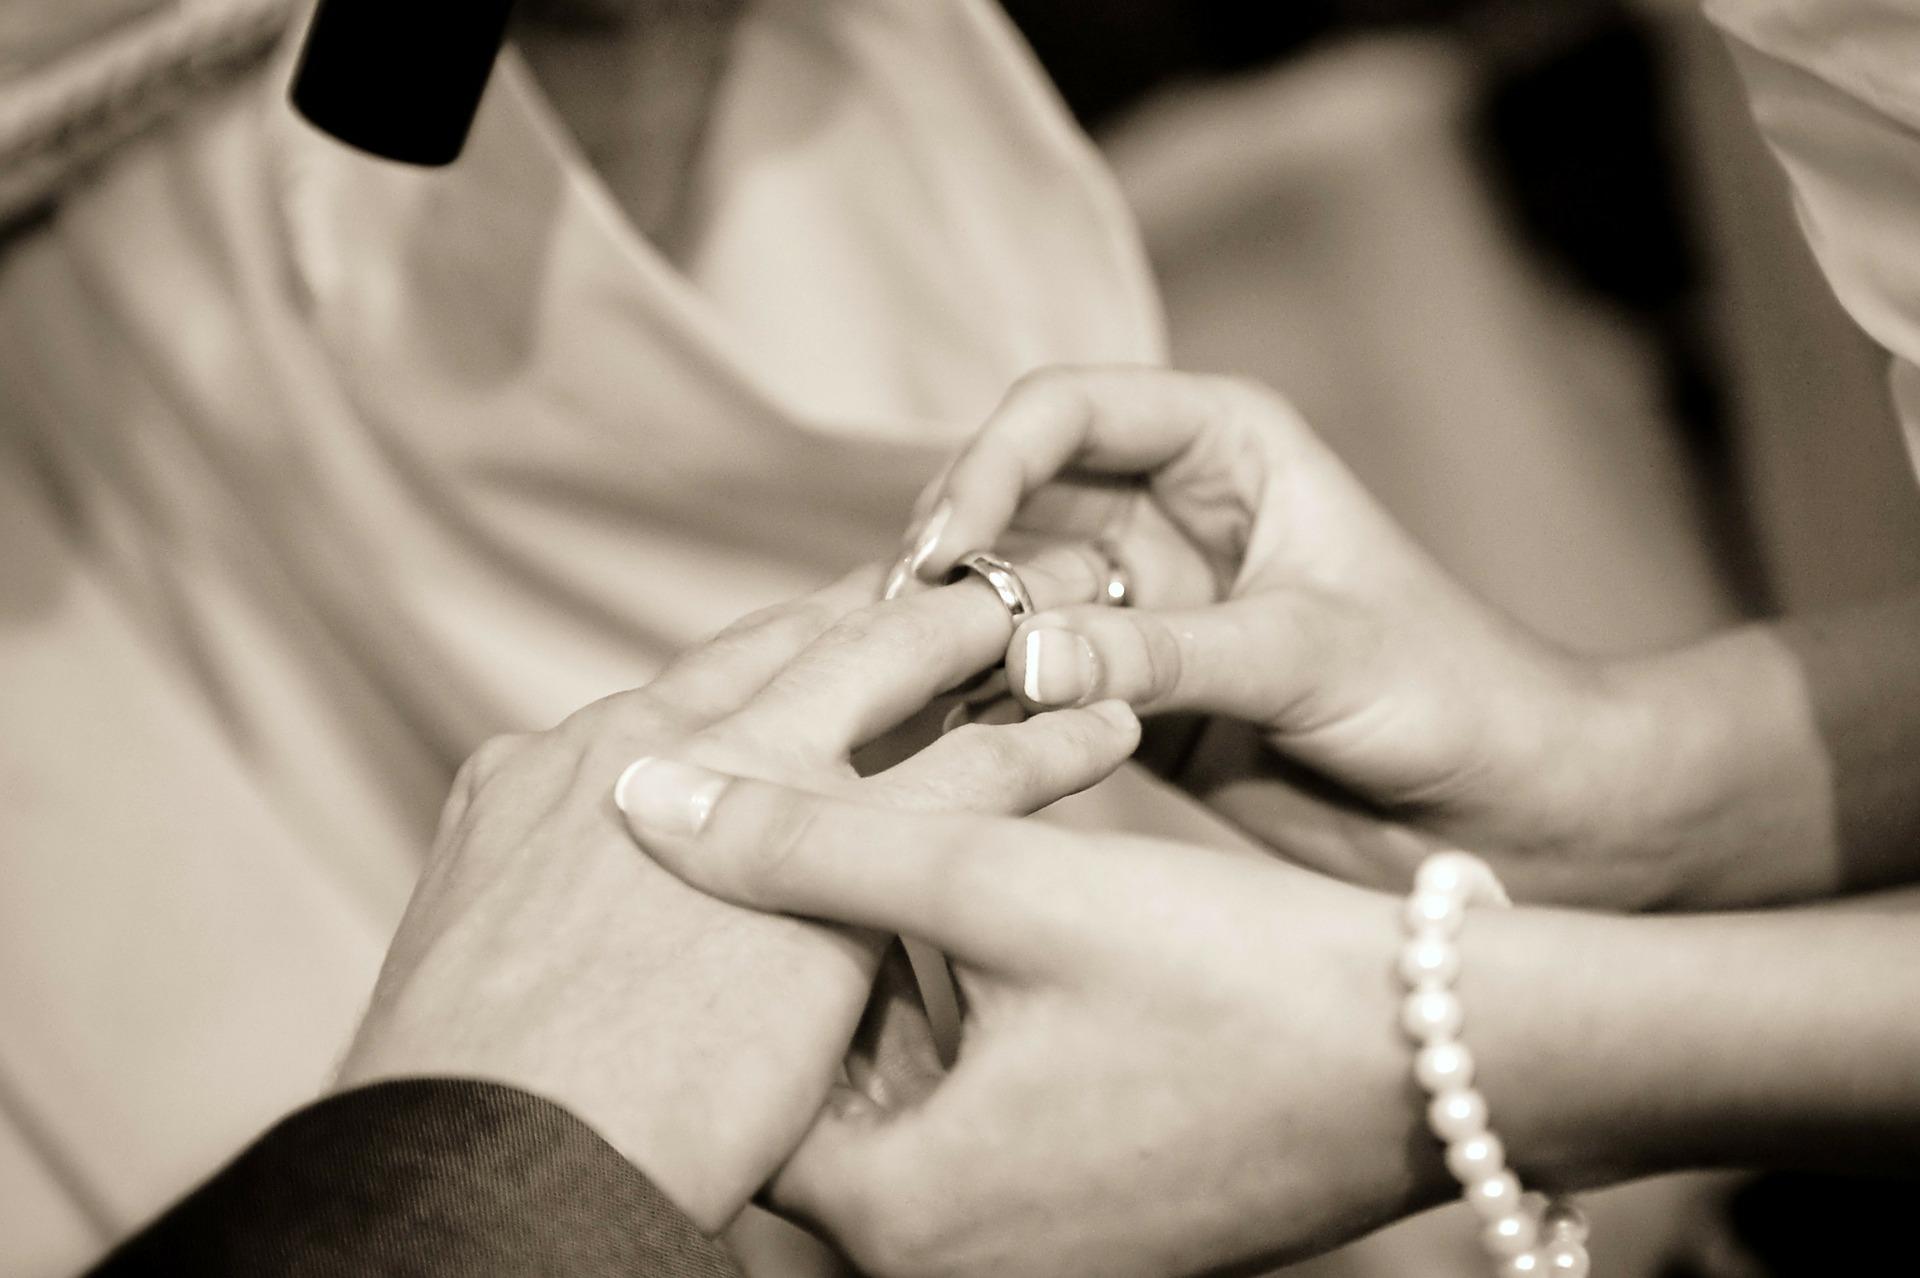 新潟で人気の結婚指輪(マリッジリング)と婚約指輪(ダイヤモンドエンゲージリング)鍛造 | 鍛造製法で叶えることのできる究極の指どおり ドイツジュエリー クリスチャンバウアー(CHRISTIAN BAUER)は一生涯のマリッジリング